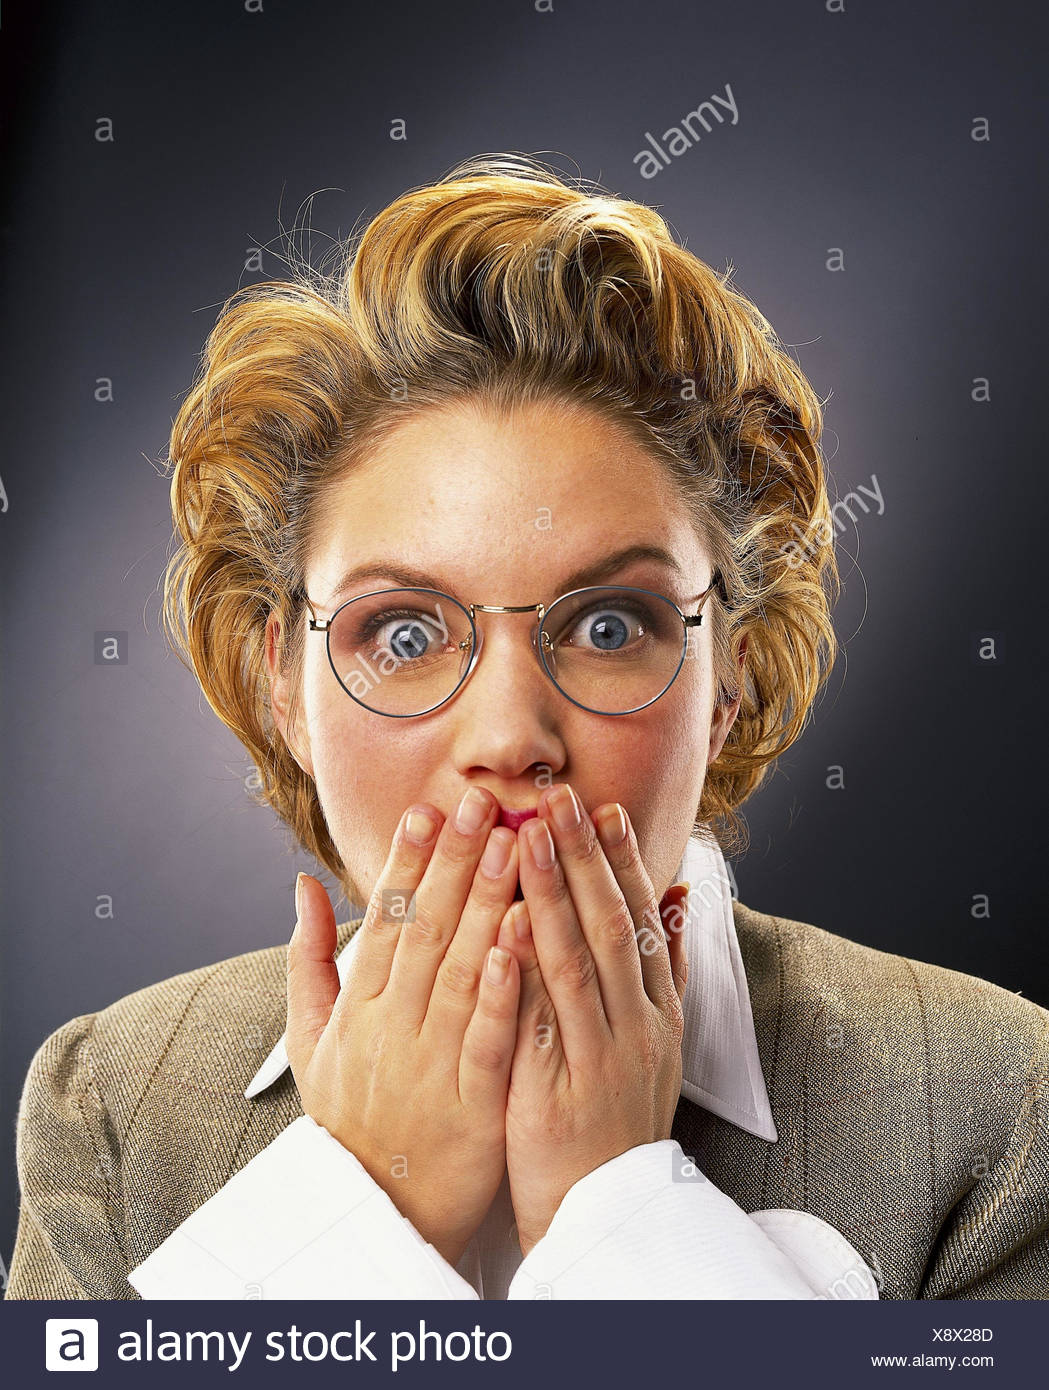 La Empresaria Joven Rubia Gafas Gesto Causa Horror Retrato